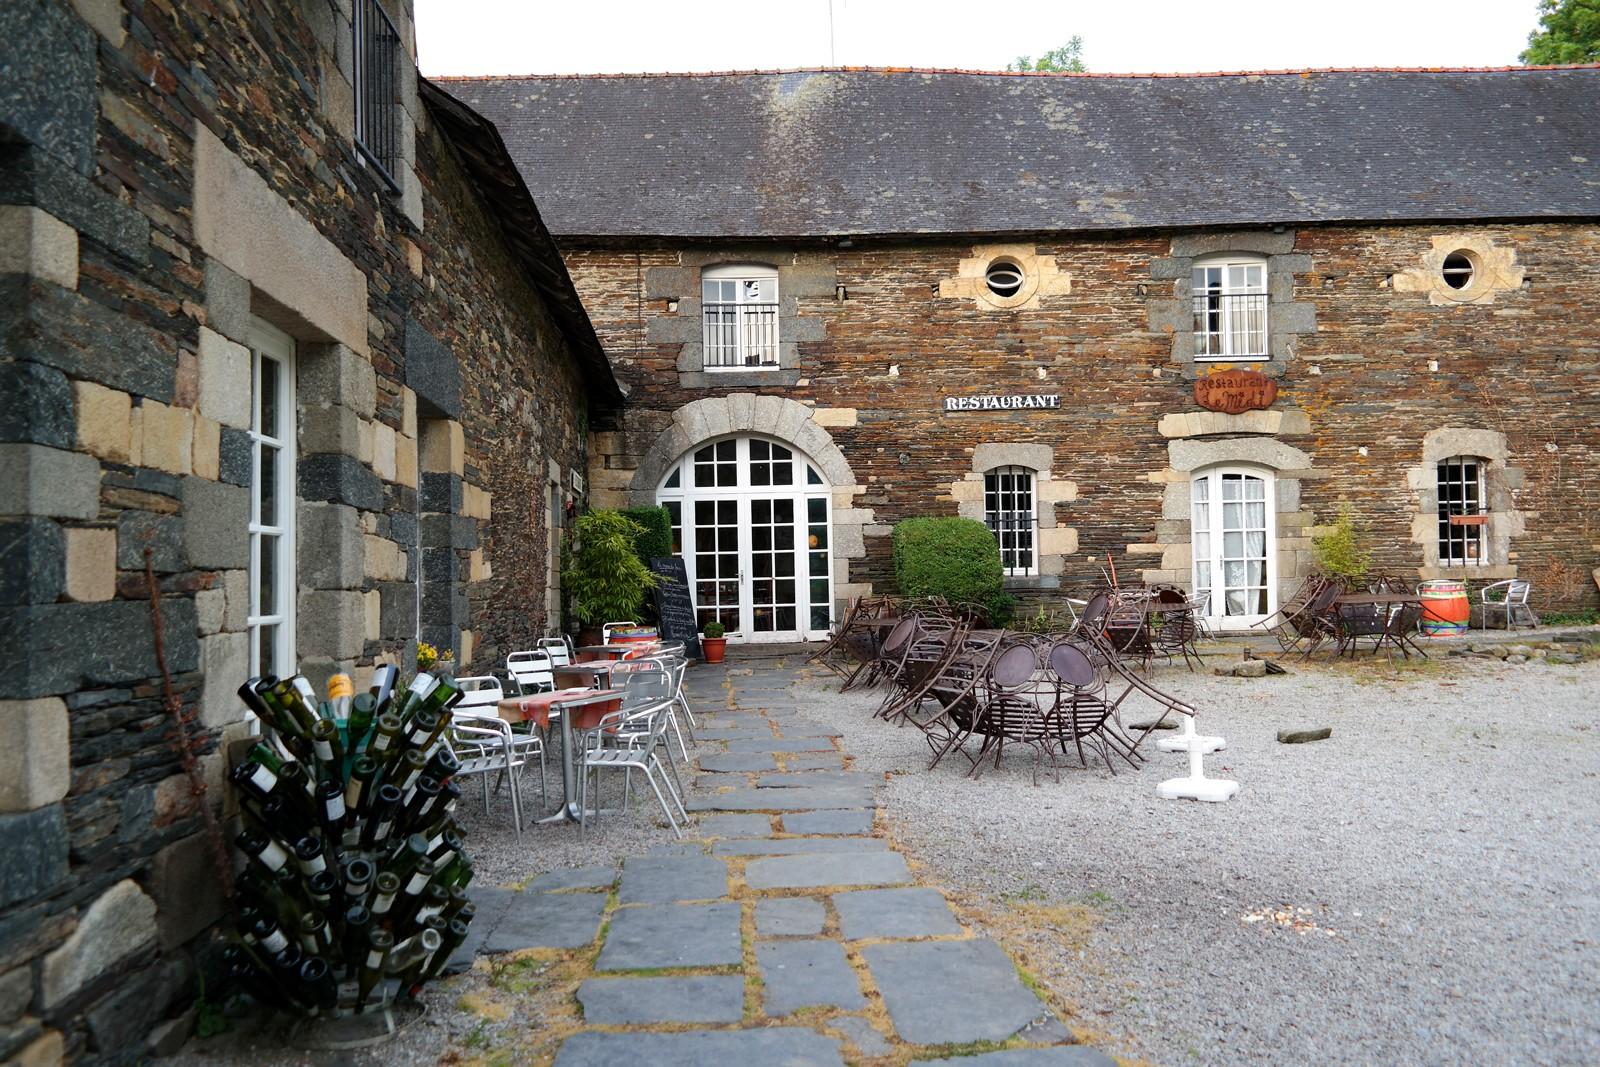 Hotel-restaurant-Abbaye-de-Bon-Repos-Lac-de-Guerlédan-se-loger-Bretagne-circuit-découverte-tourisme-vacances-voyage-photo-by-united-states-of-paris-blog